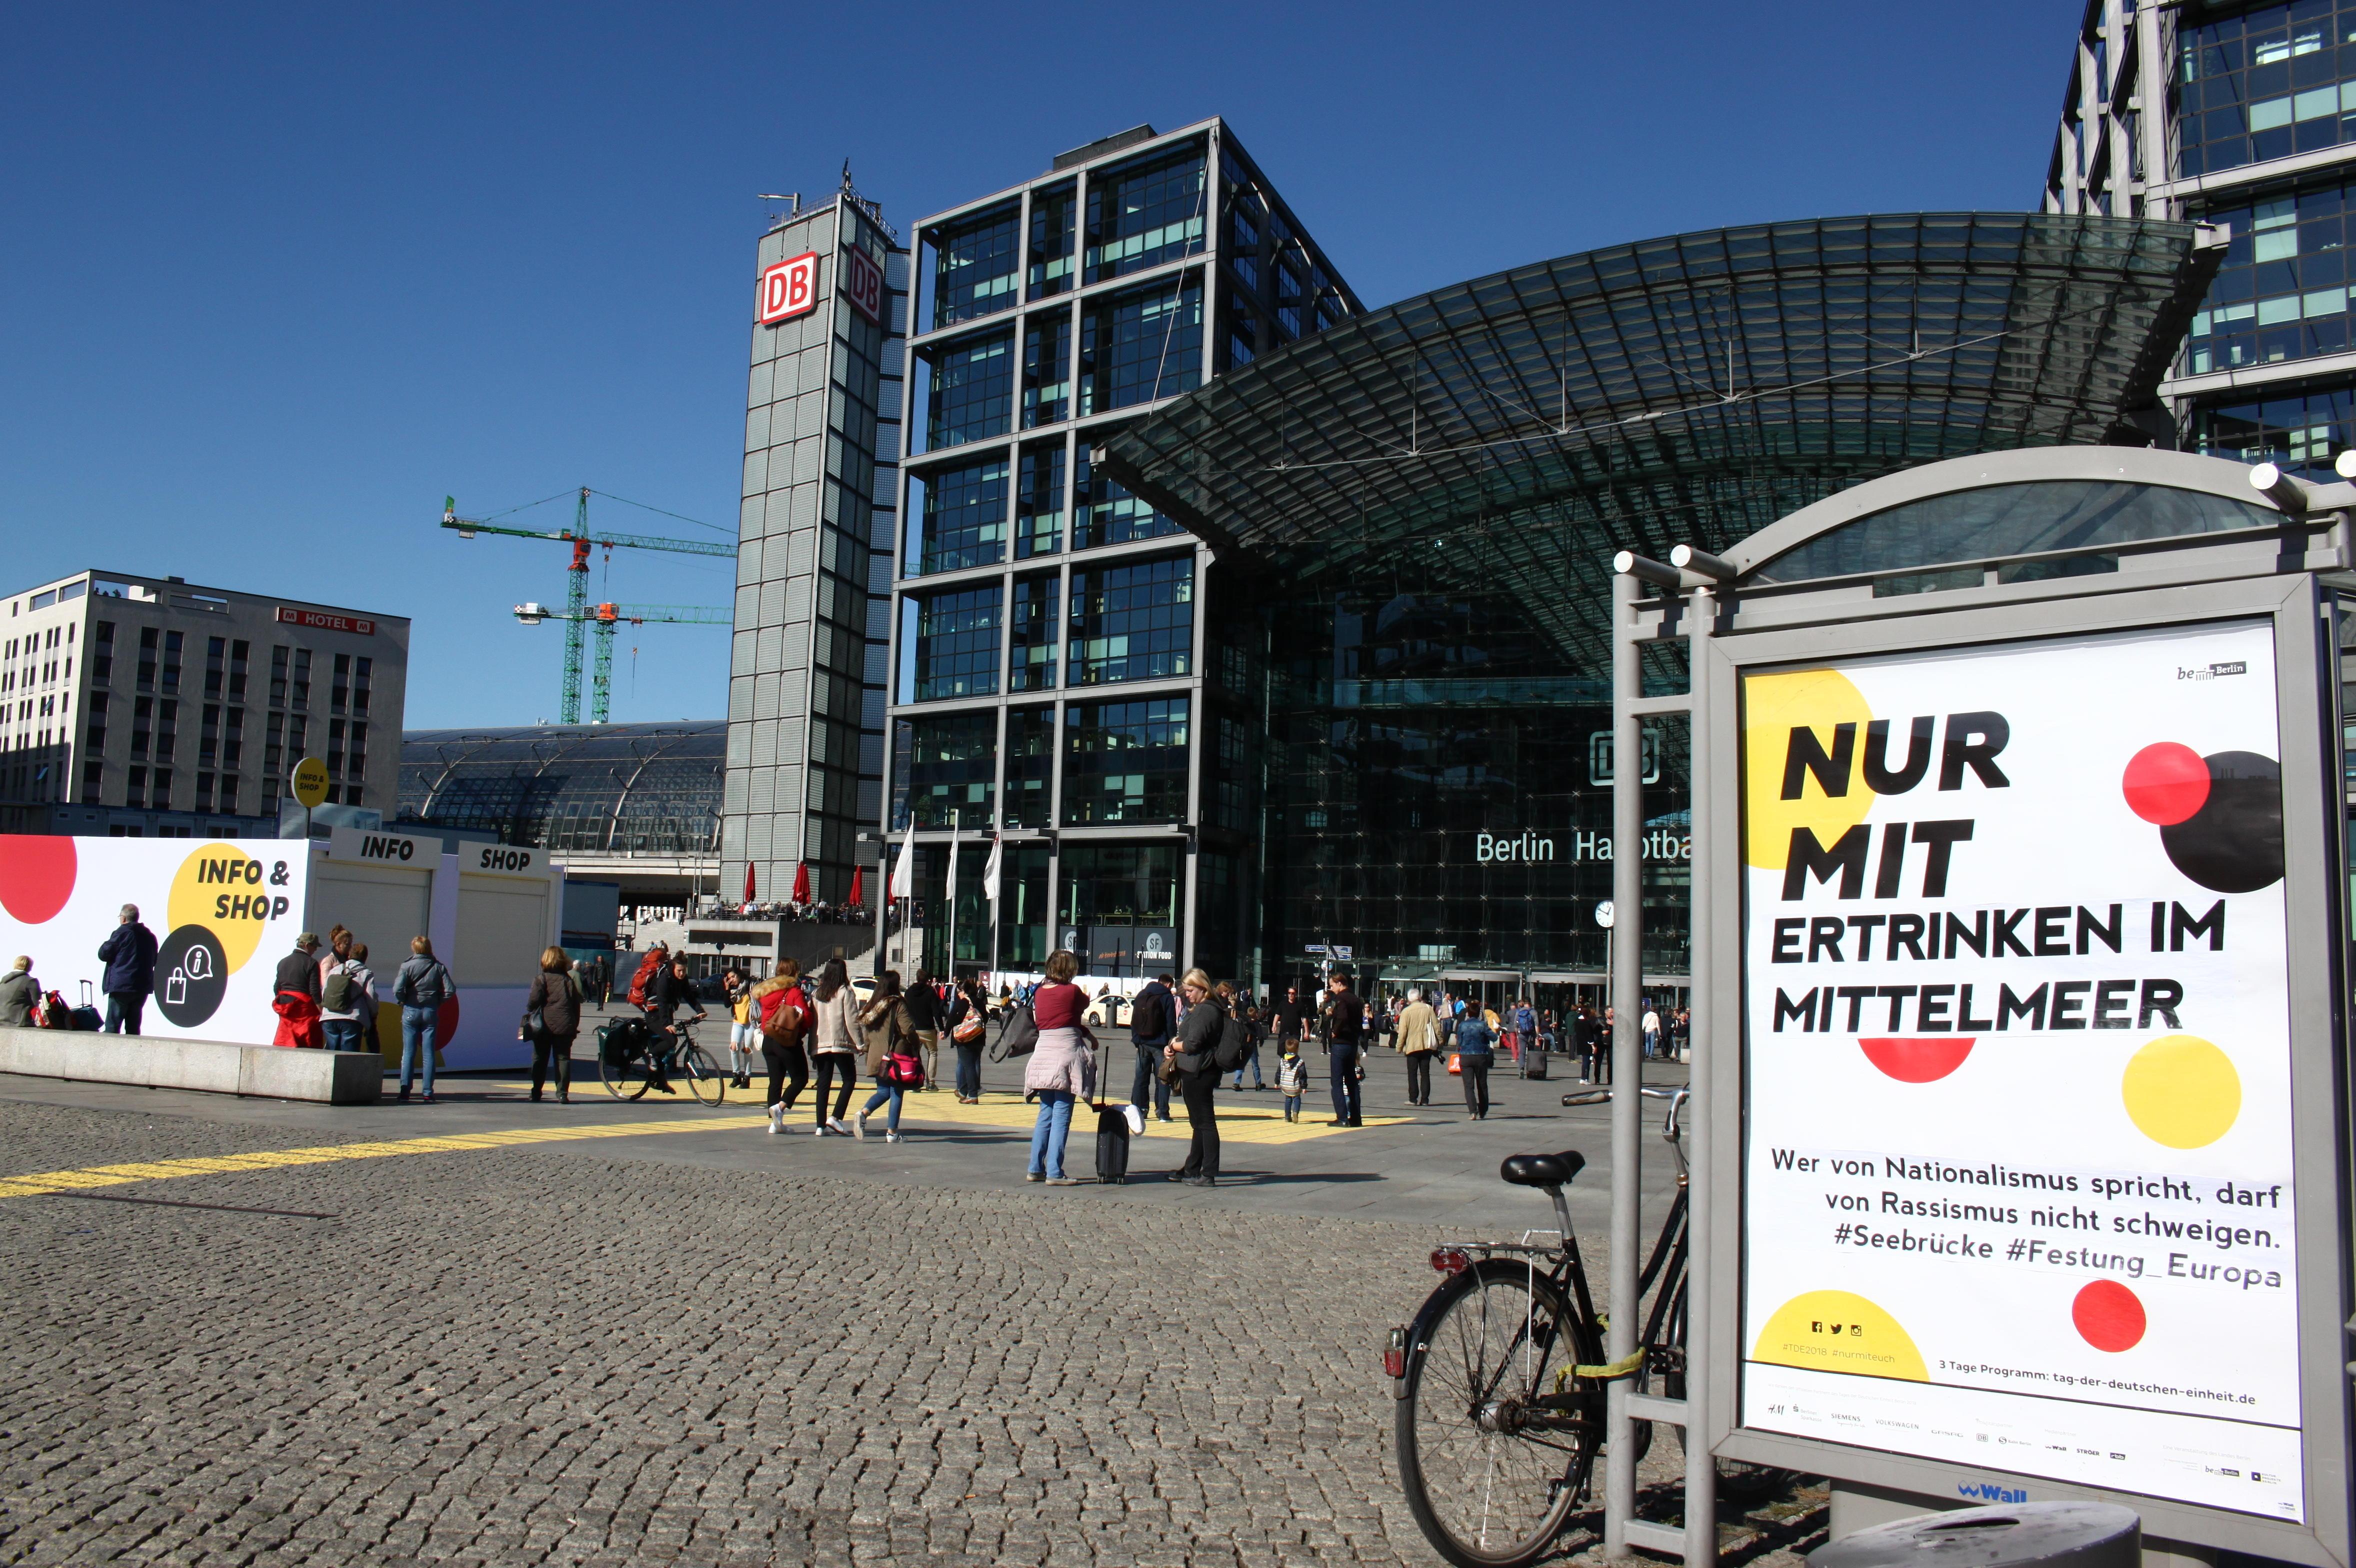 Adbusting gegen die Einheitsfeier am HBF Berlin